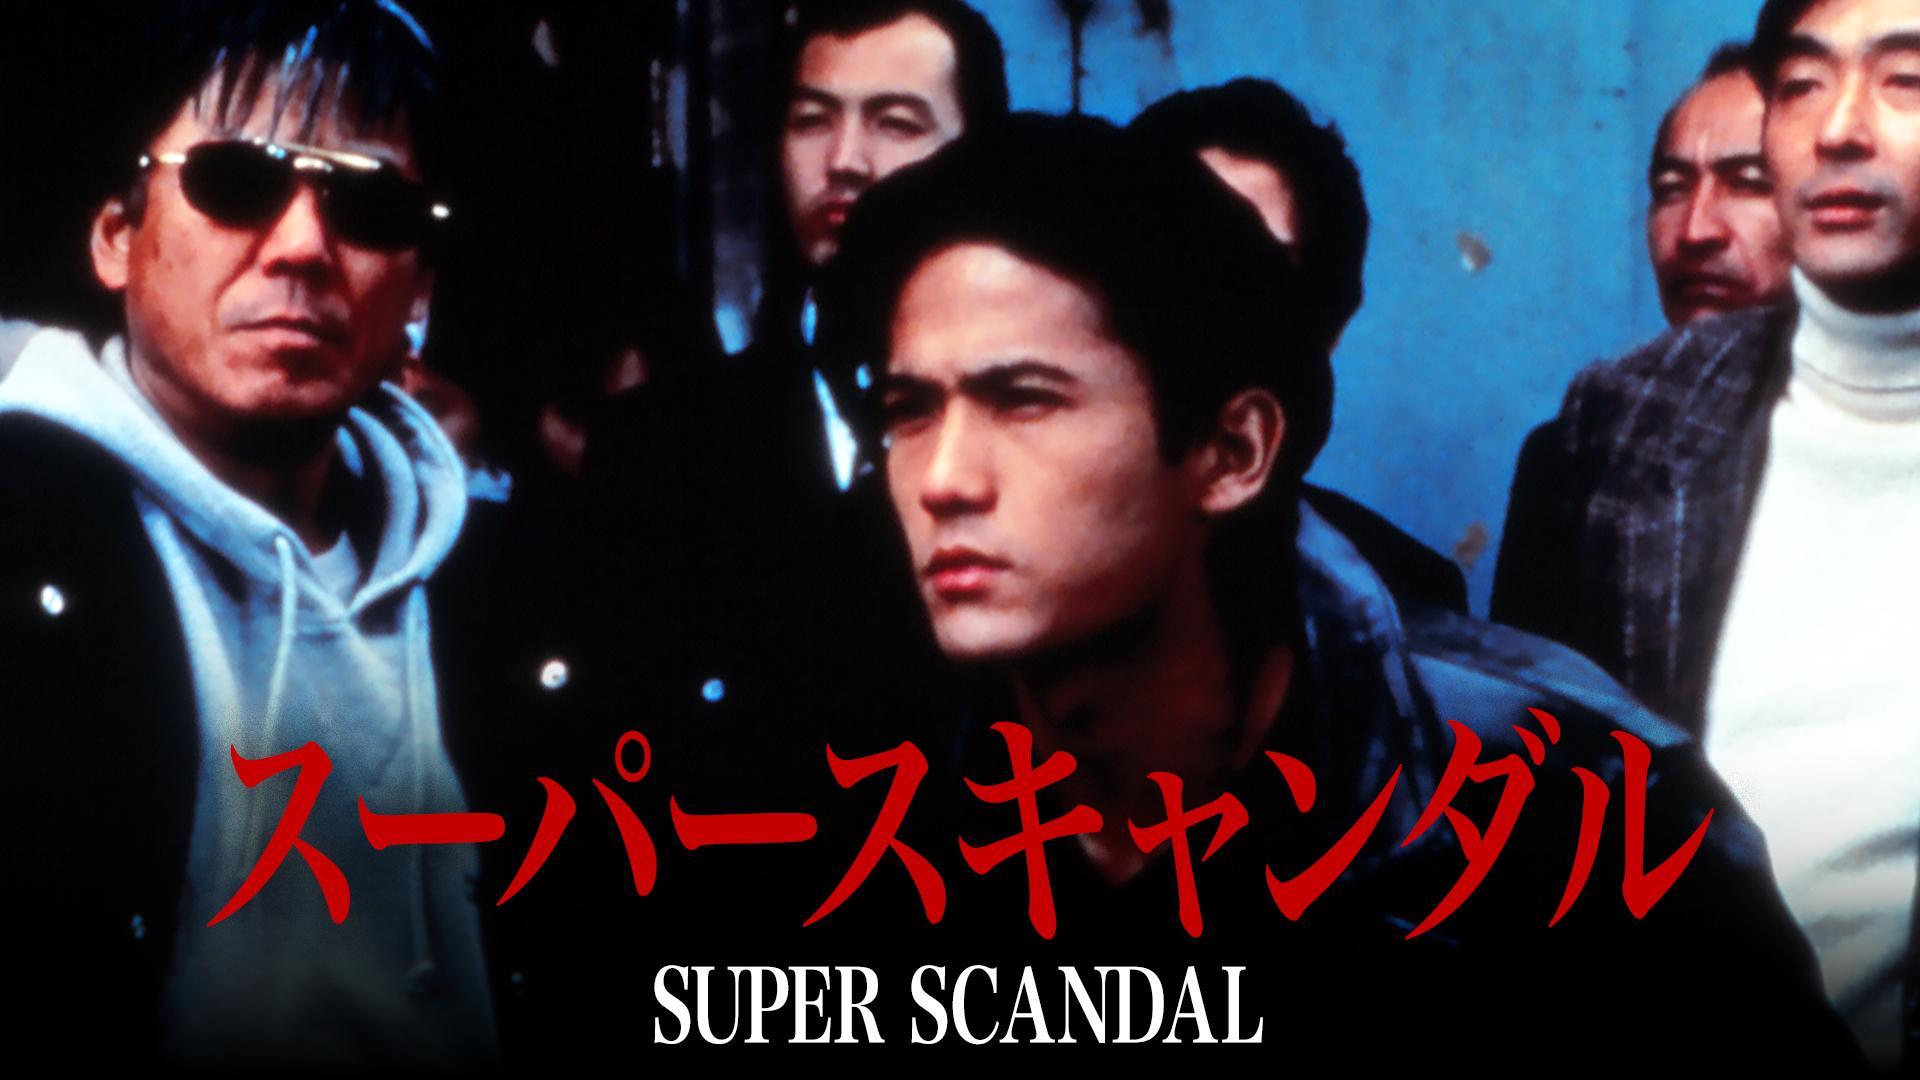 スーパースキャンダル SUPER SCANDAL